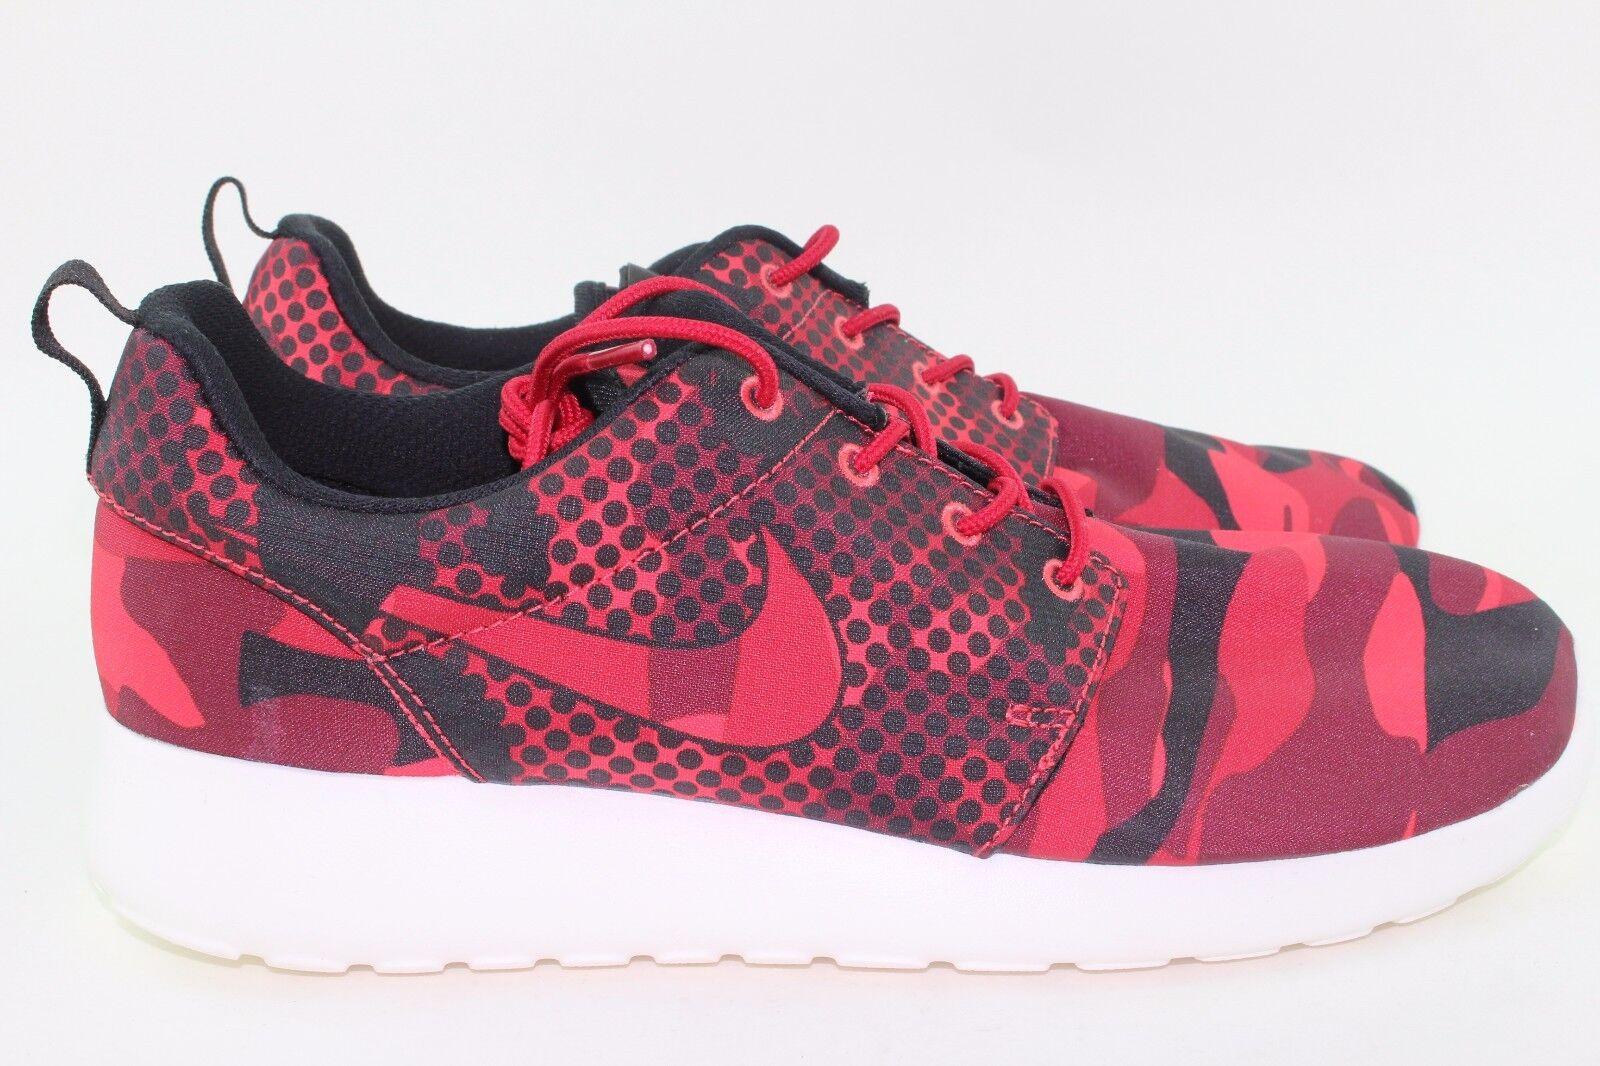 Nike roshe Raro uno impresión de hombre audaz Rojo Nuevo Raro roshe auténtico cómodo ejecutar afc1c9